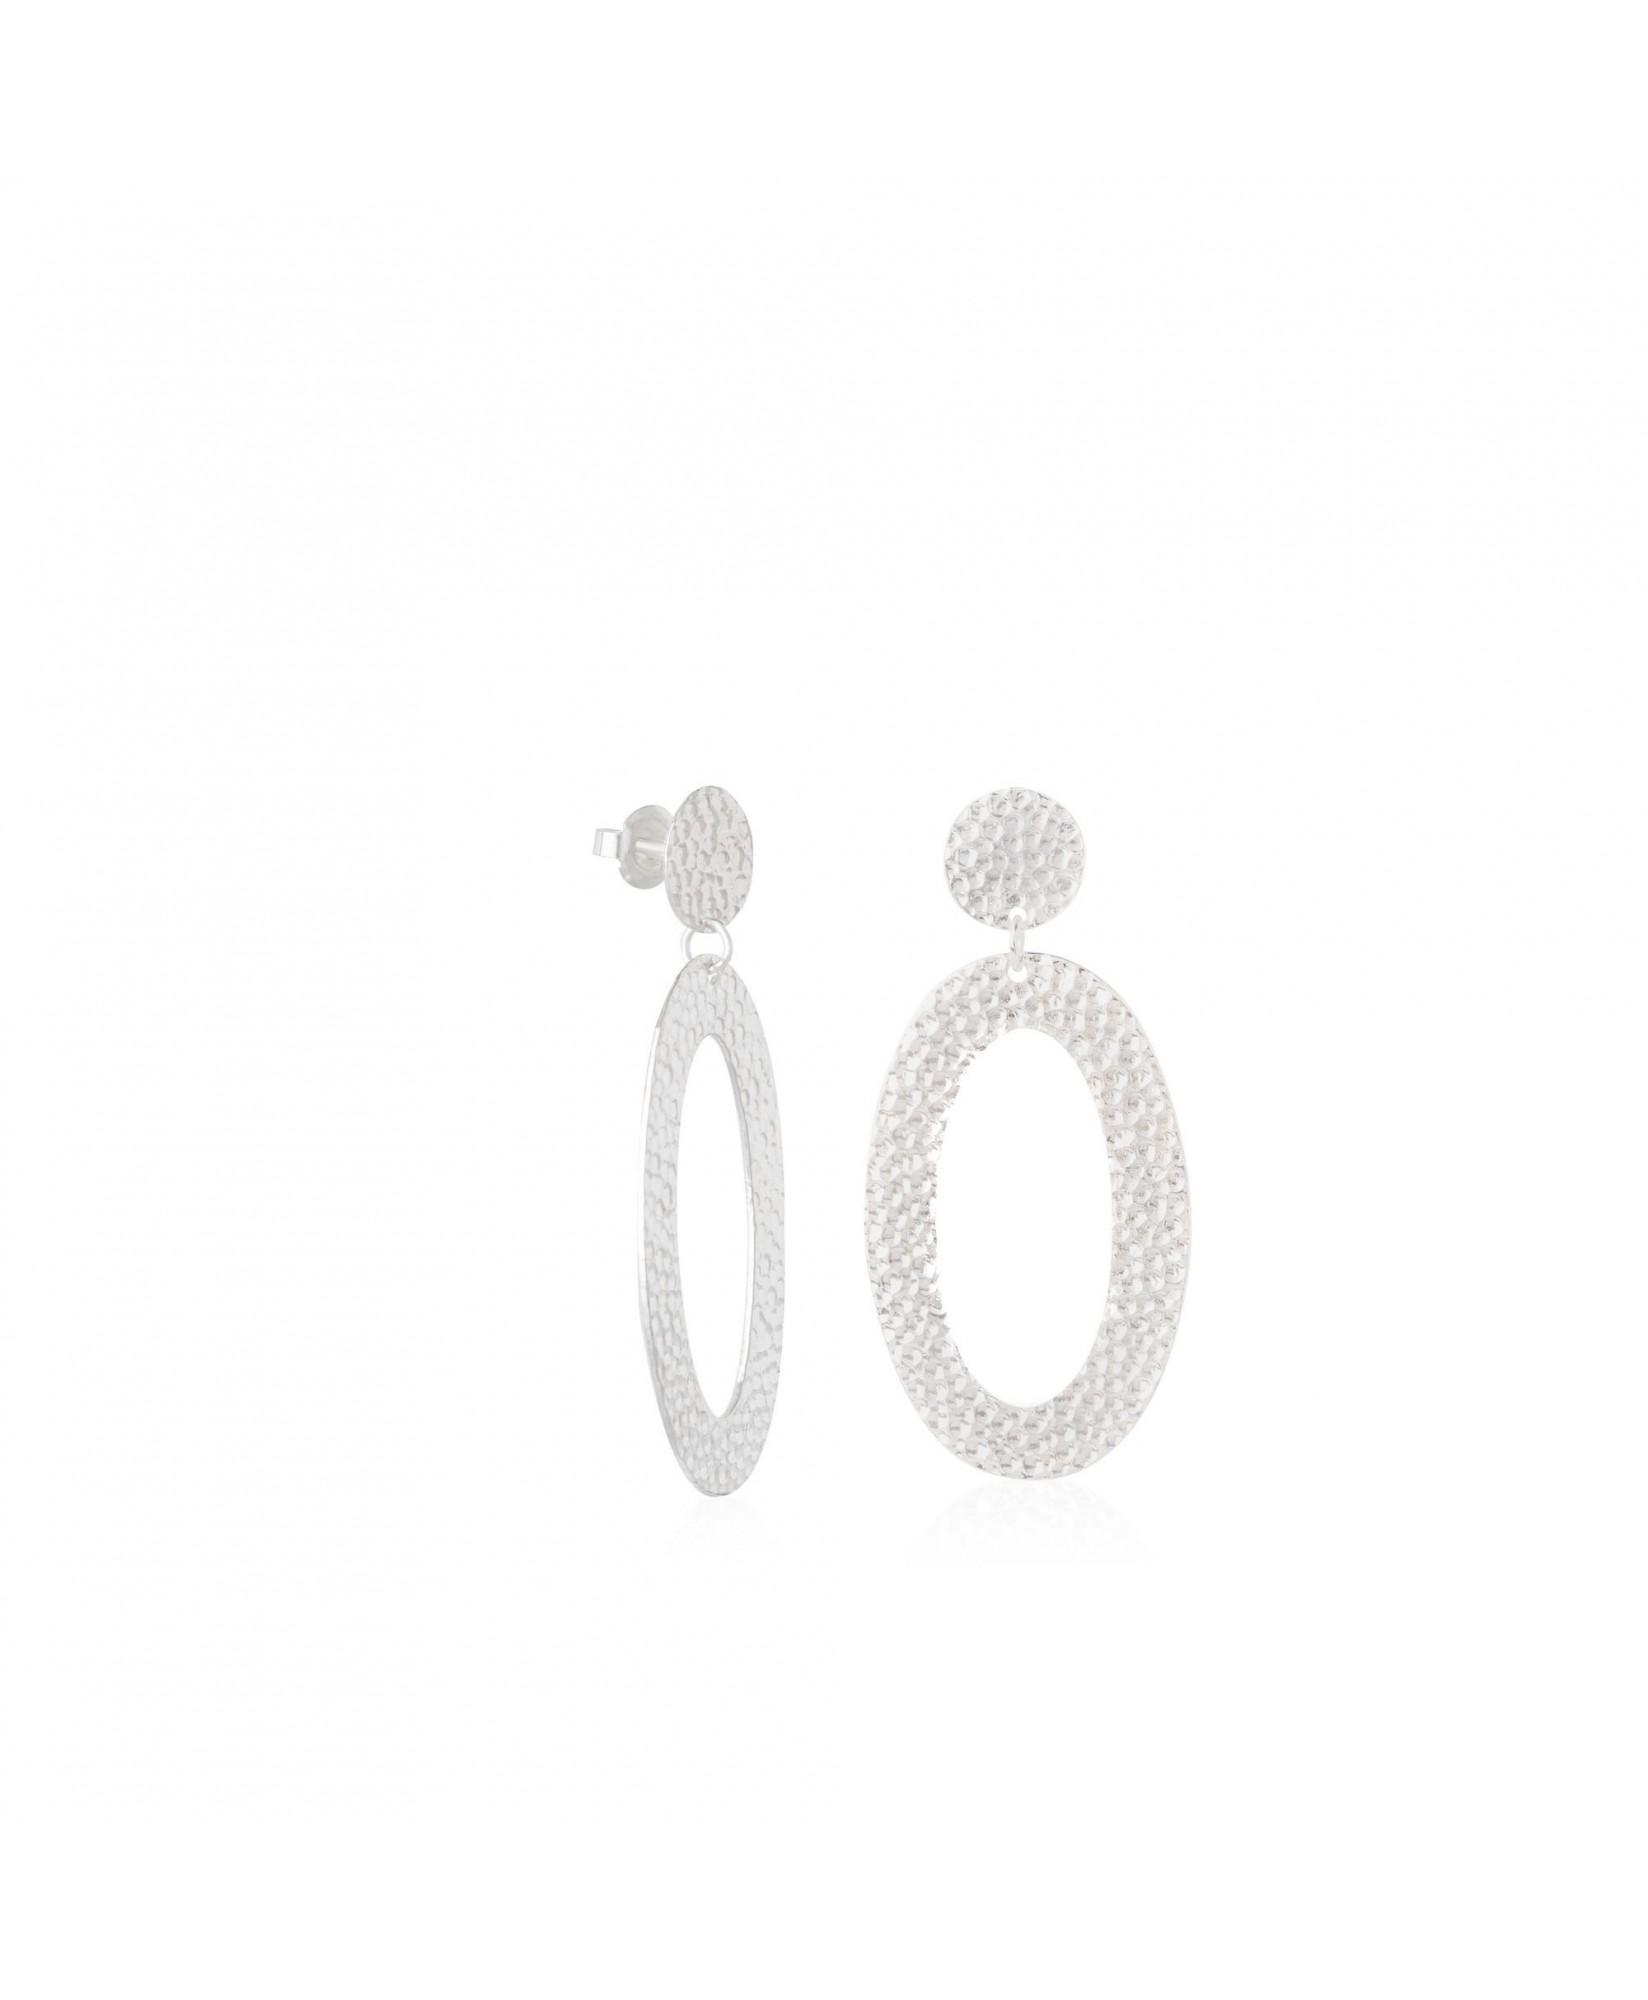 Pendientes ovalados de plata Asteria Pendientes ovalados de plata Asteria